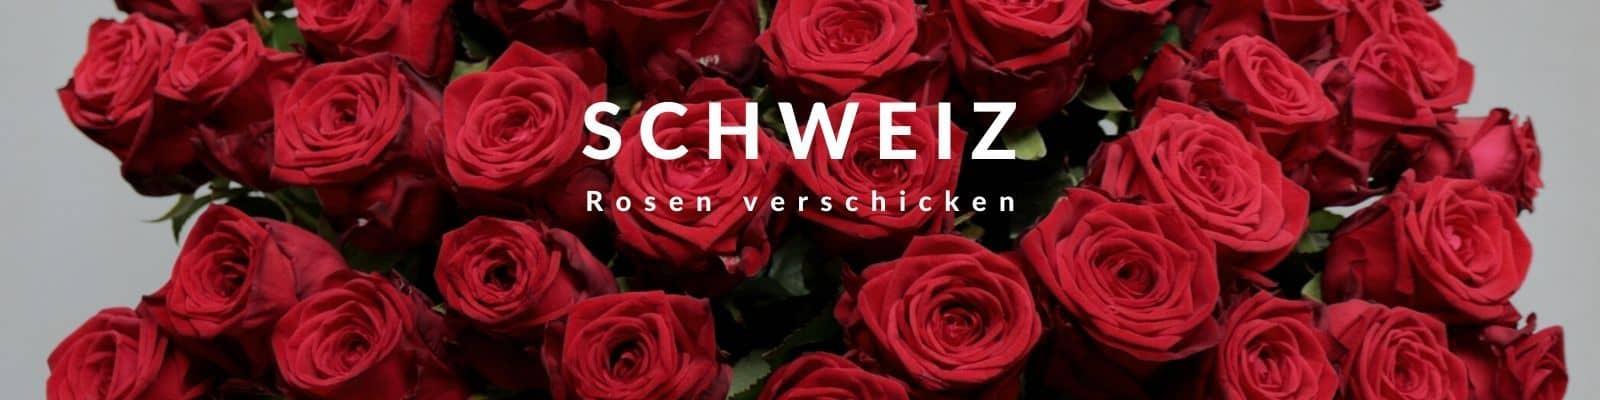 Rosen verschicken Schweiz -Rosenbote